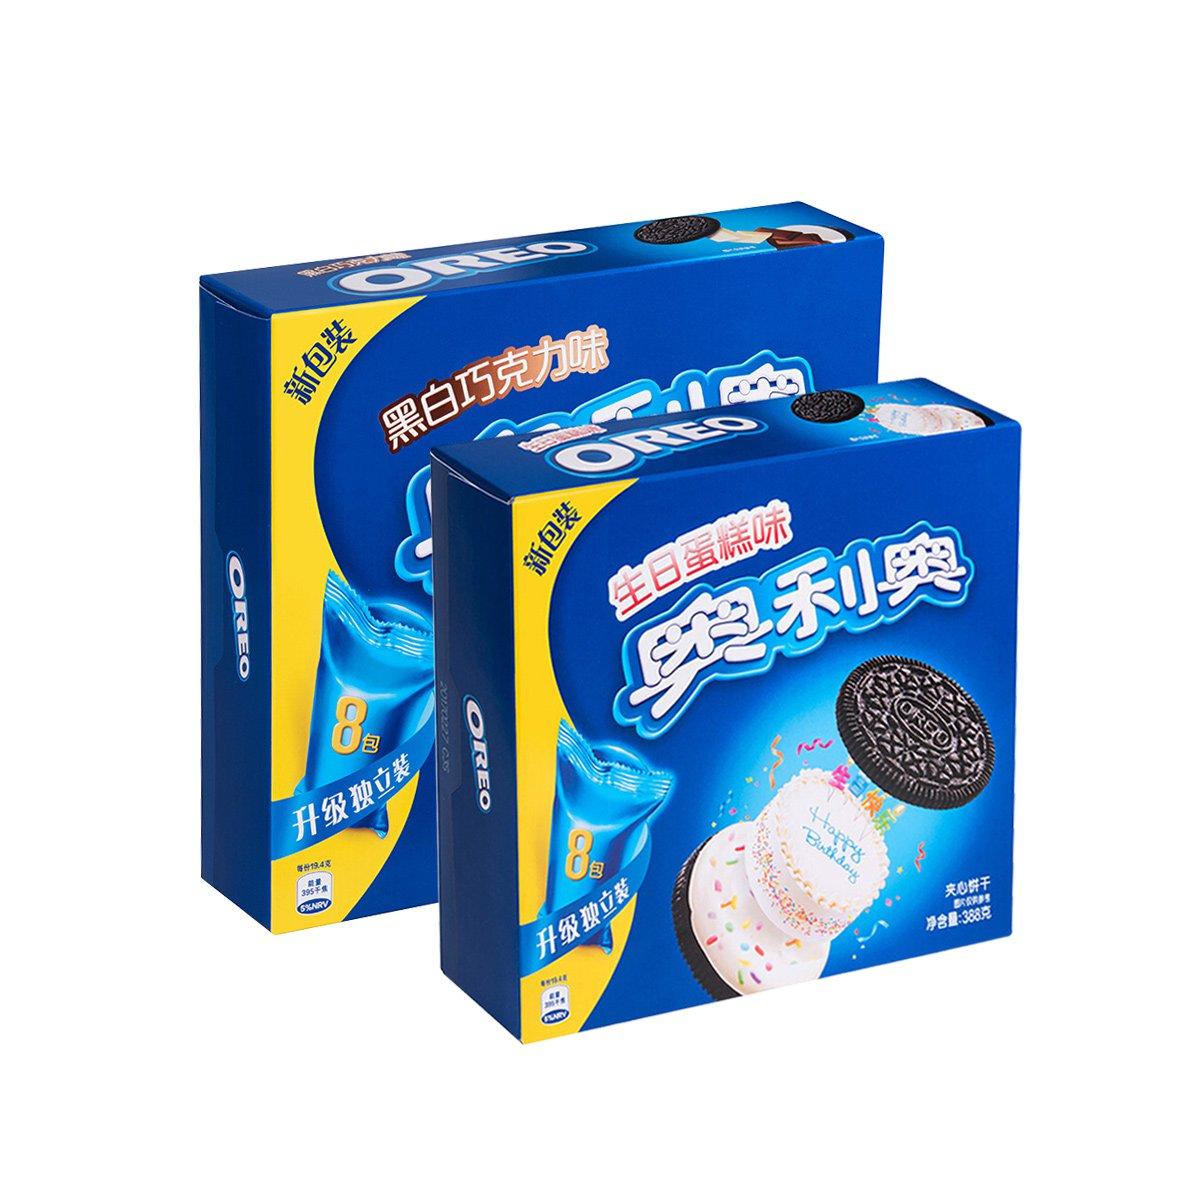 【分享奥利奥 秀出新趣味】奥利奥黑白巧克力味+生日蛋糕味共776g